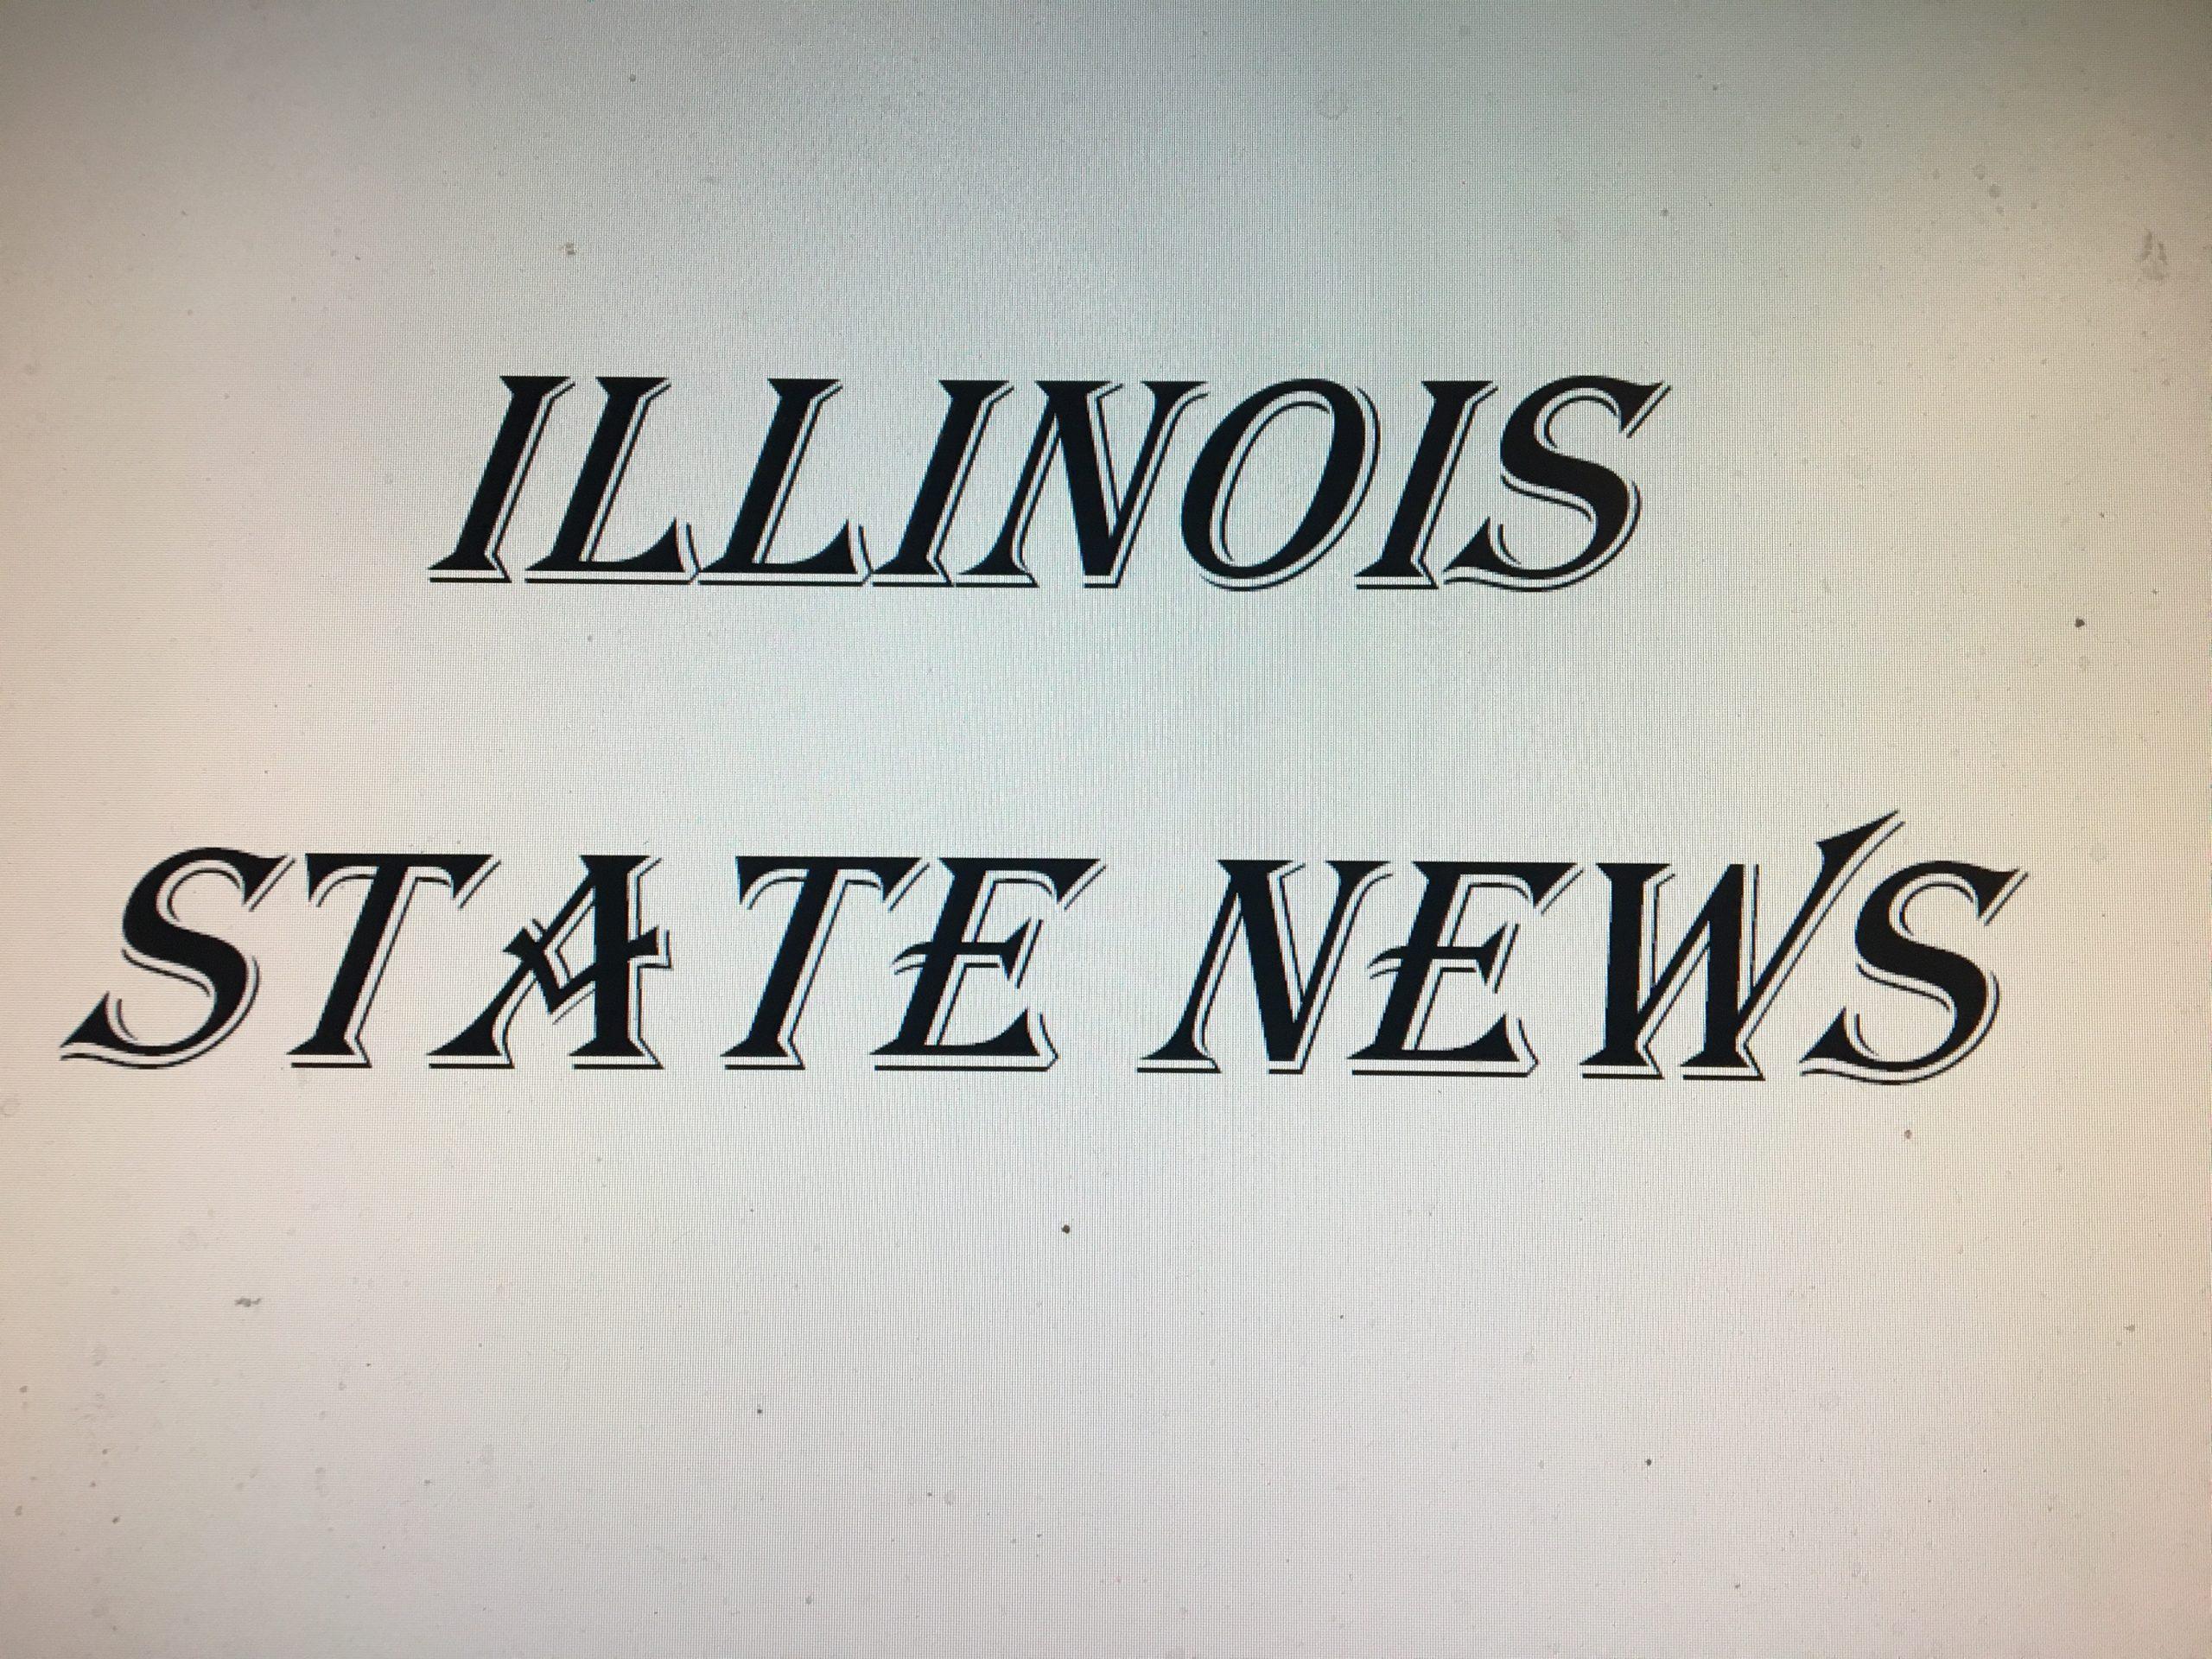 ILLINOIS STATE NEWS